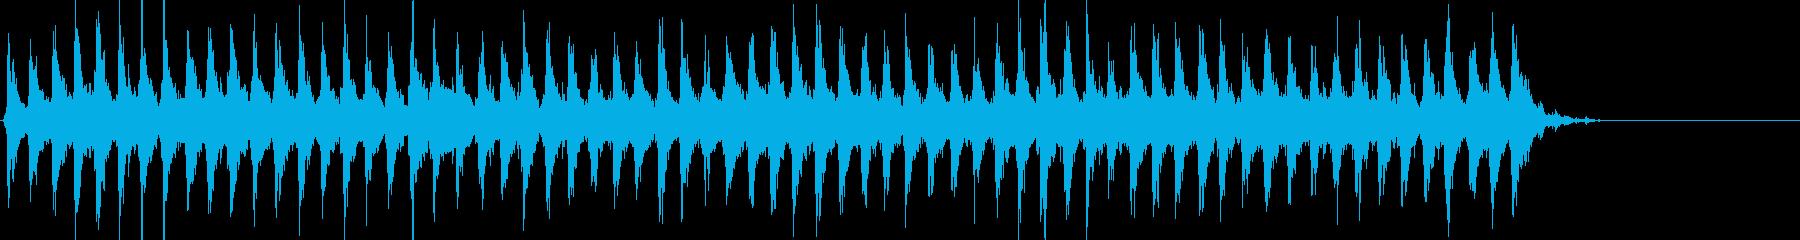 クリスマスのベル ジングルベルX'masの再生済みの波形